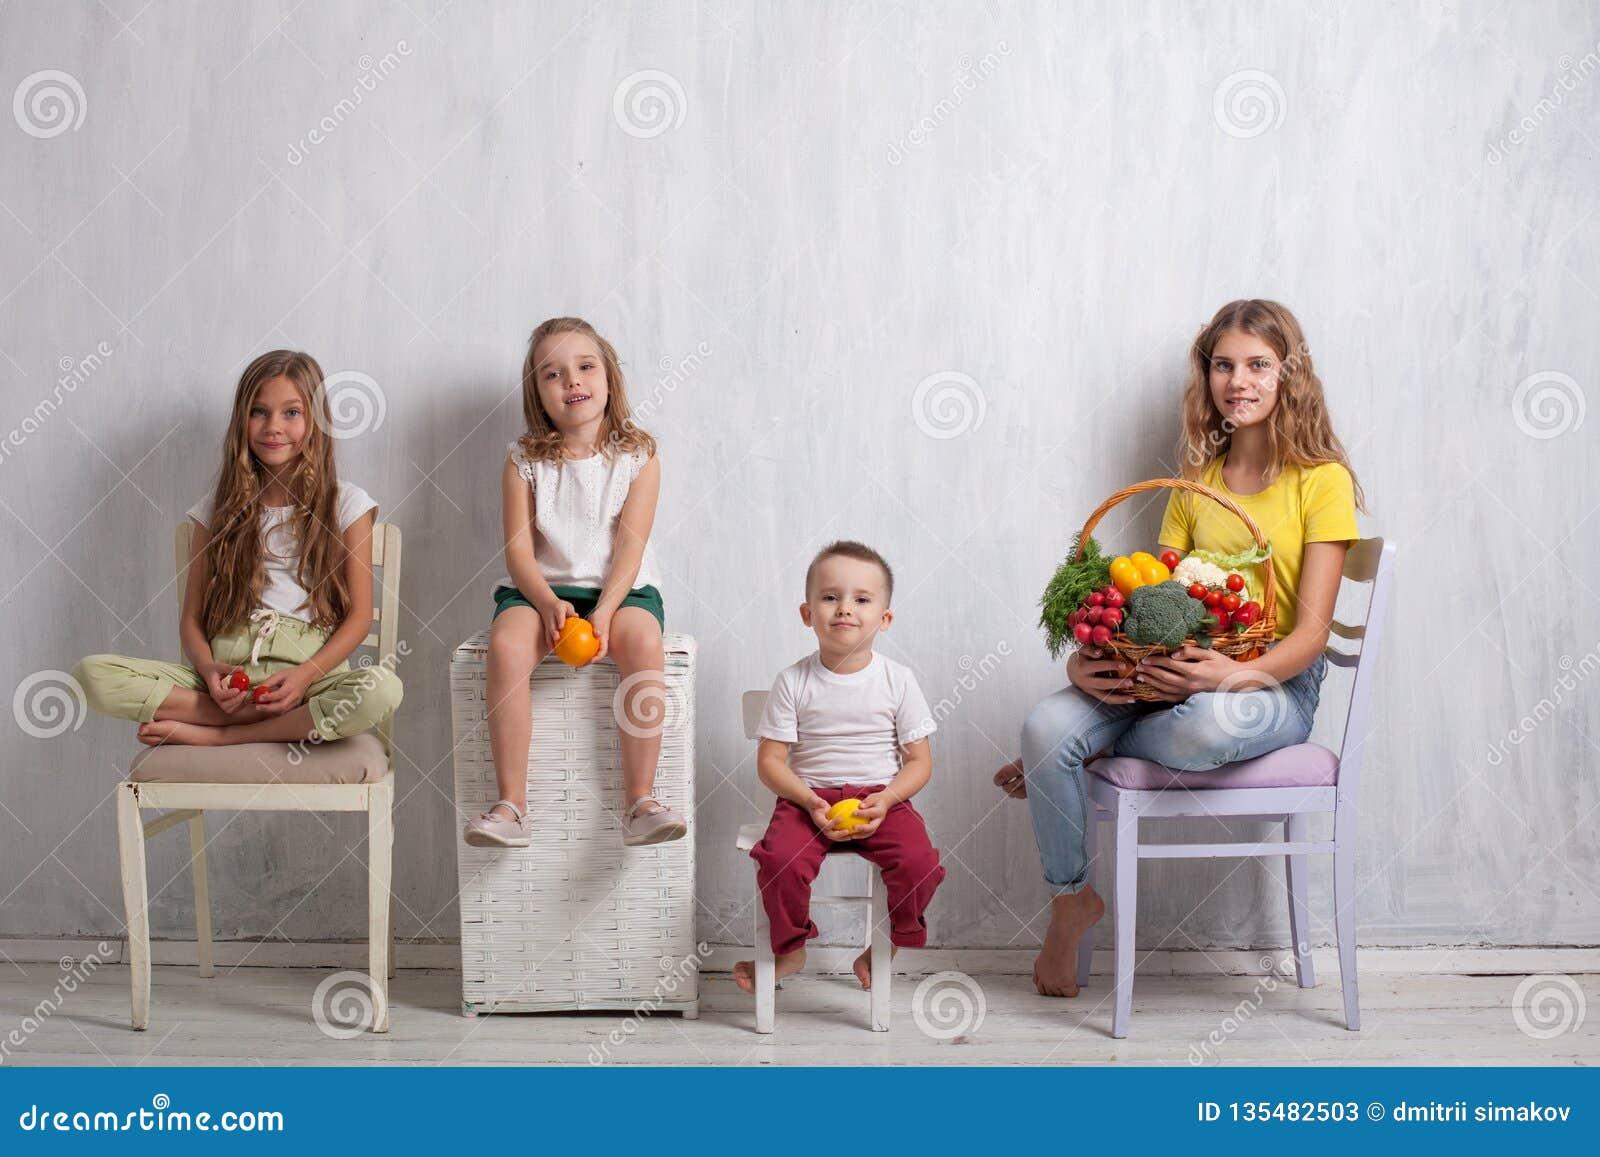 Kinder, die einen Korb des frischen Obst und Gemüse der gesunden Nahrung halten